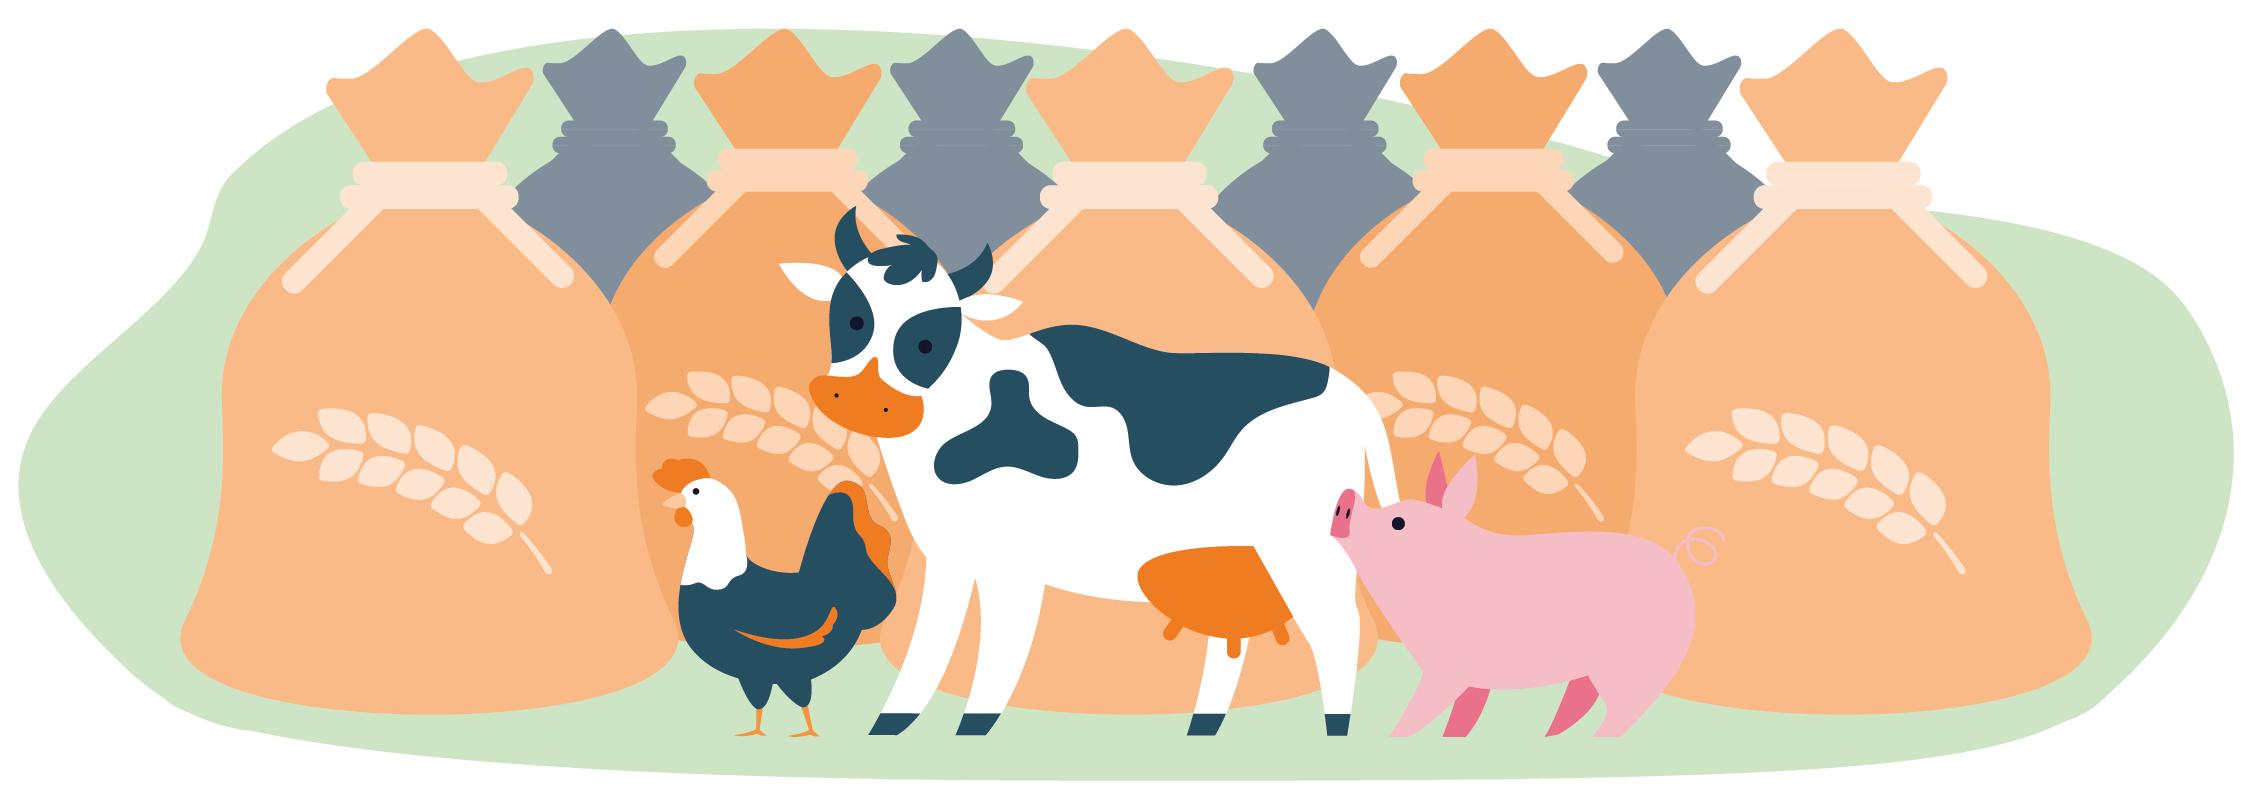 Spreco risorse Io Scelgo Veg-Essere Animali